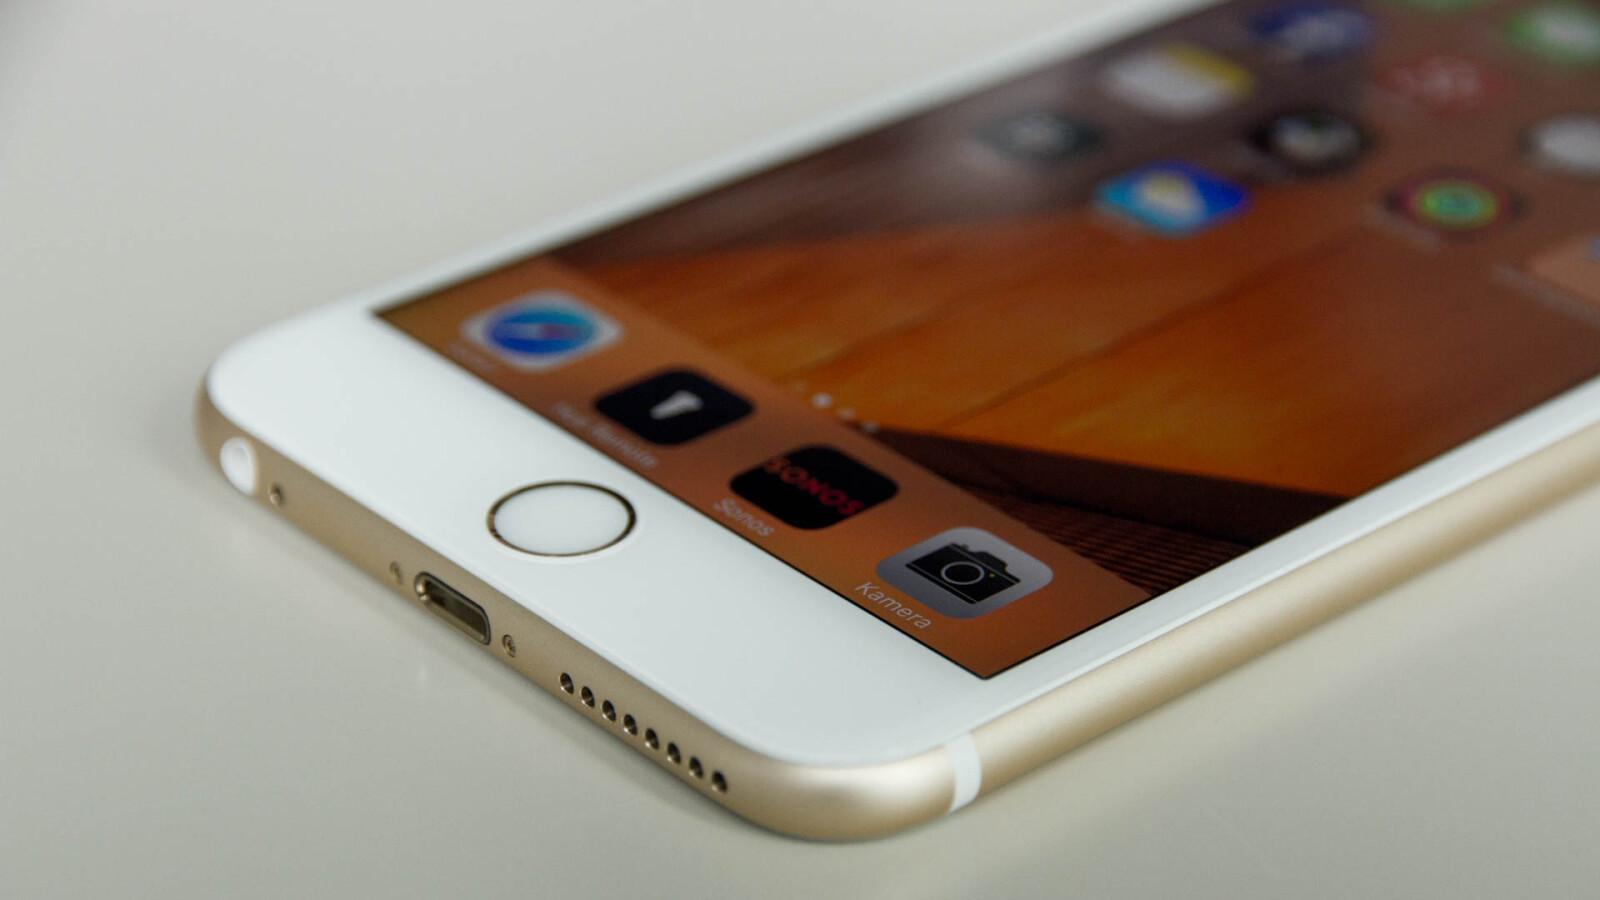 iphone 7 zwei lautsprecher statt kopfh rer anschluss. Black Bedroom Furniture Sets. Home Design Ideas